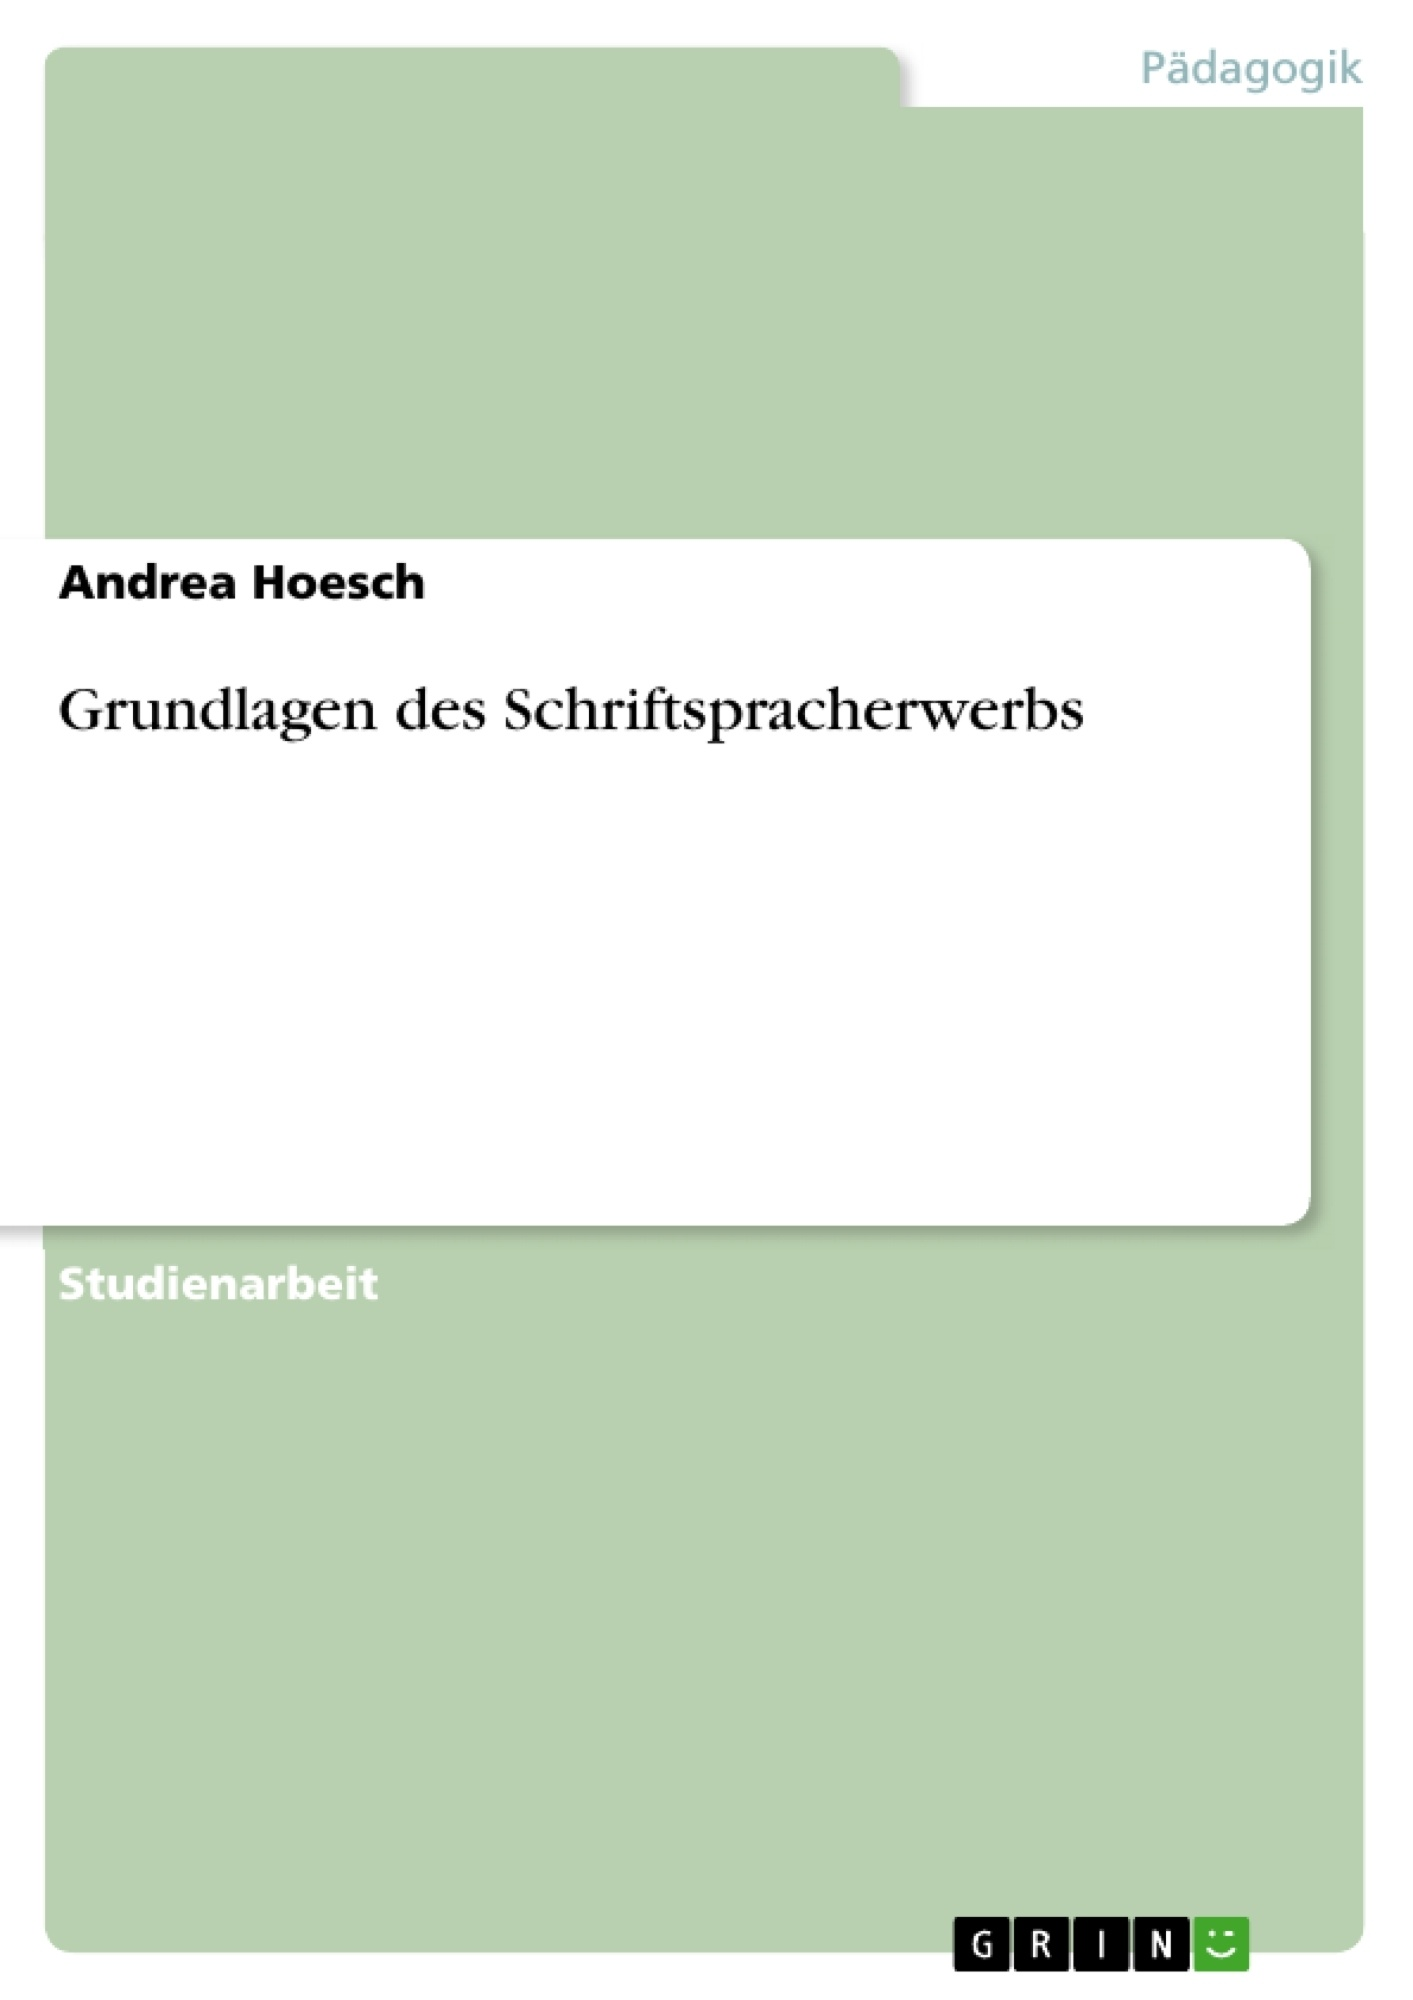 Titel: Grundlagen des Schriftspracherwerbs